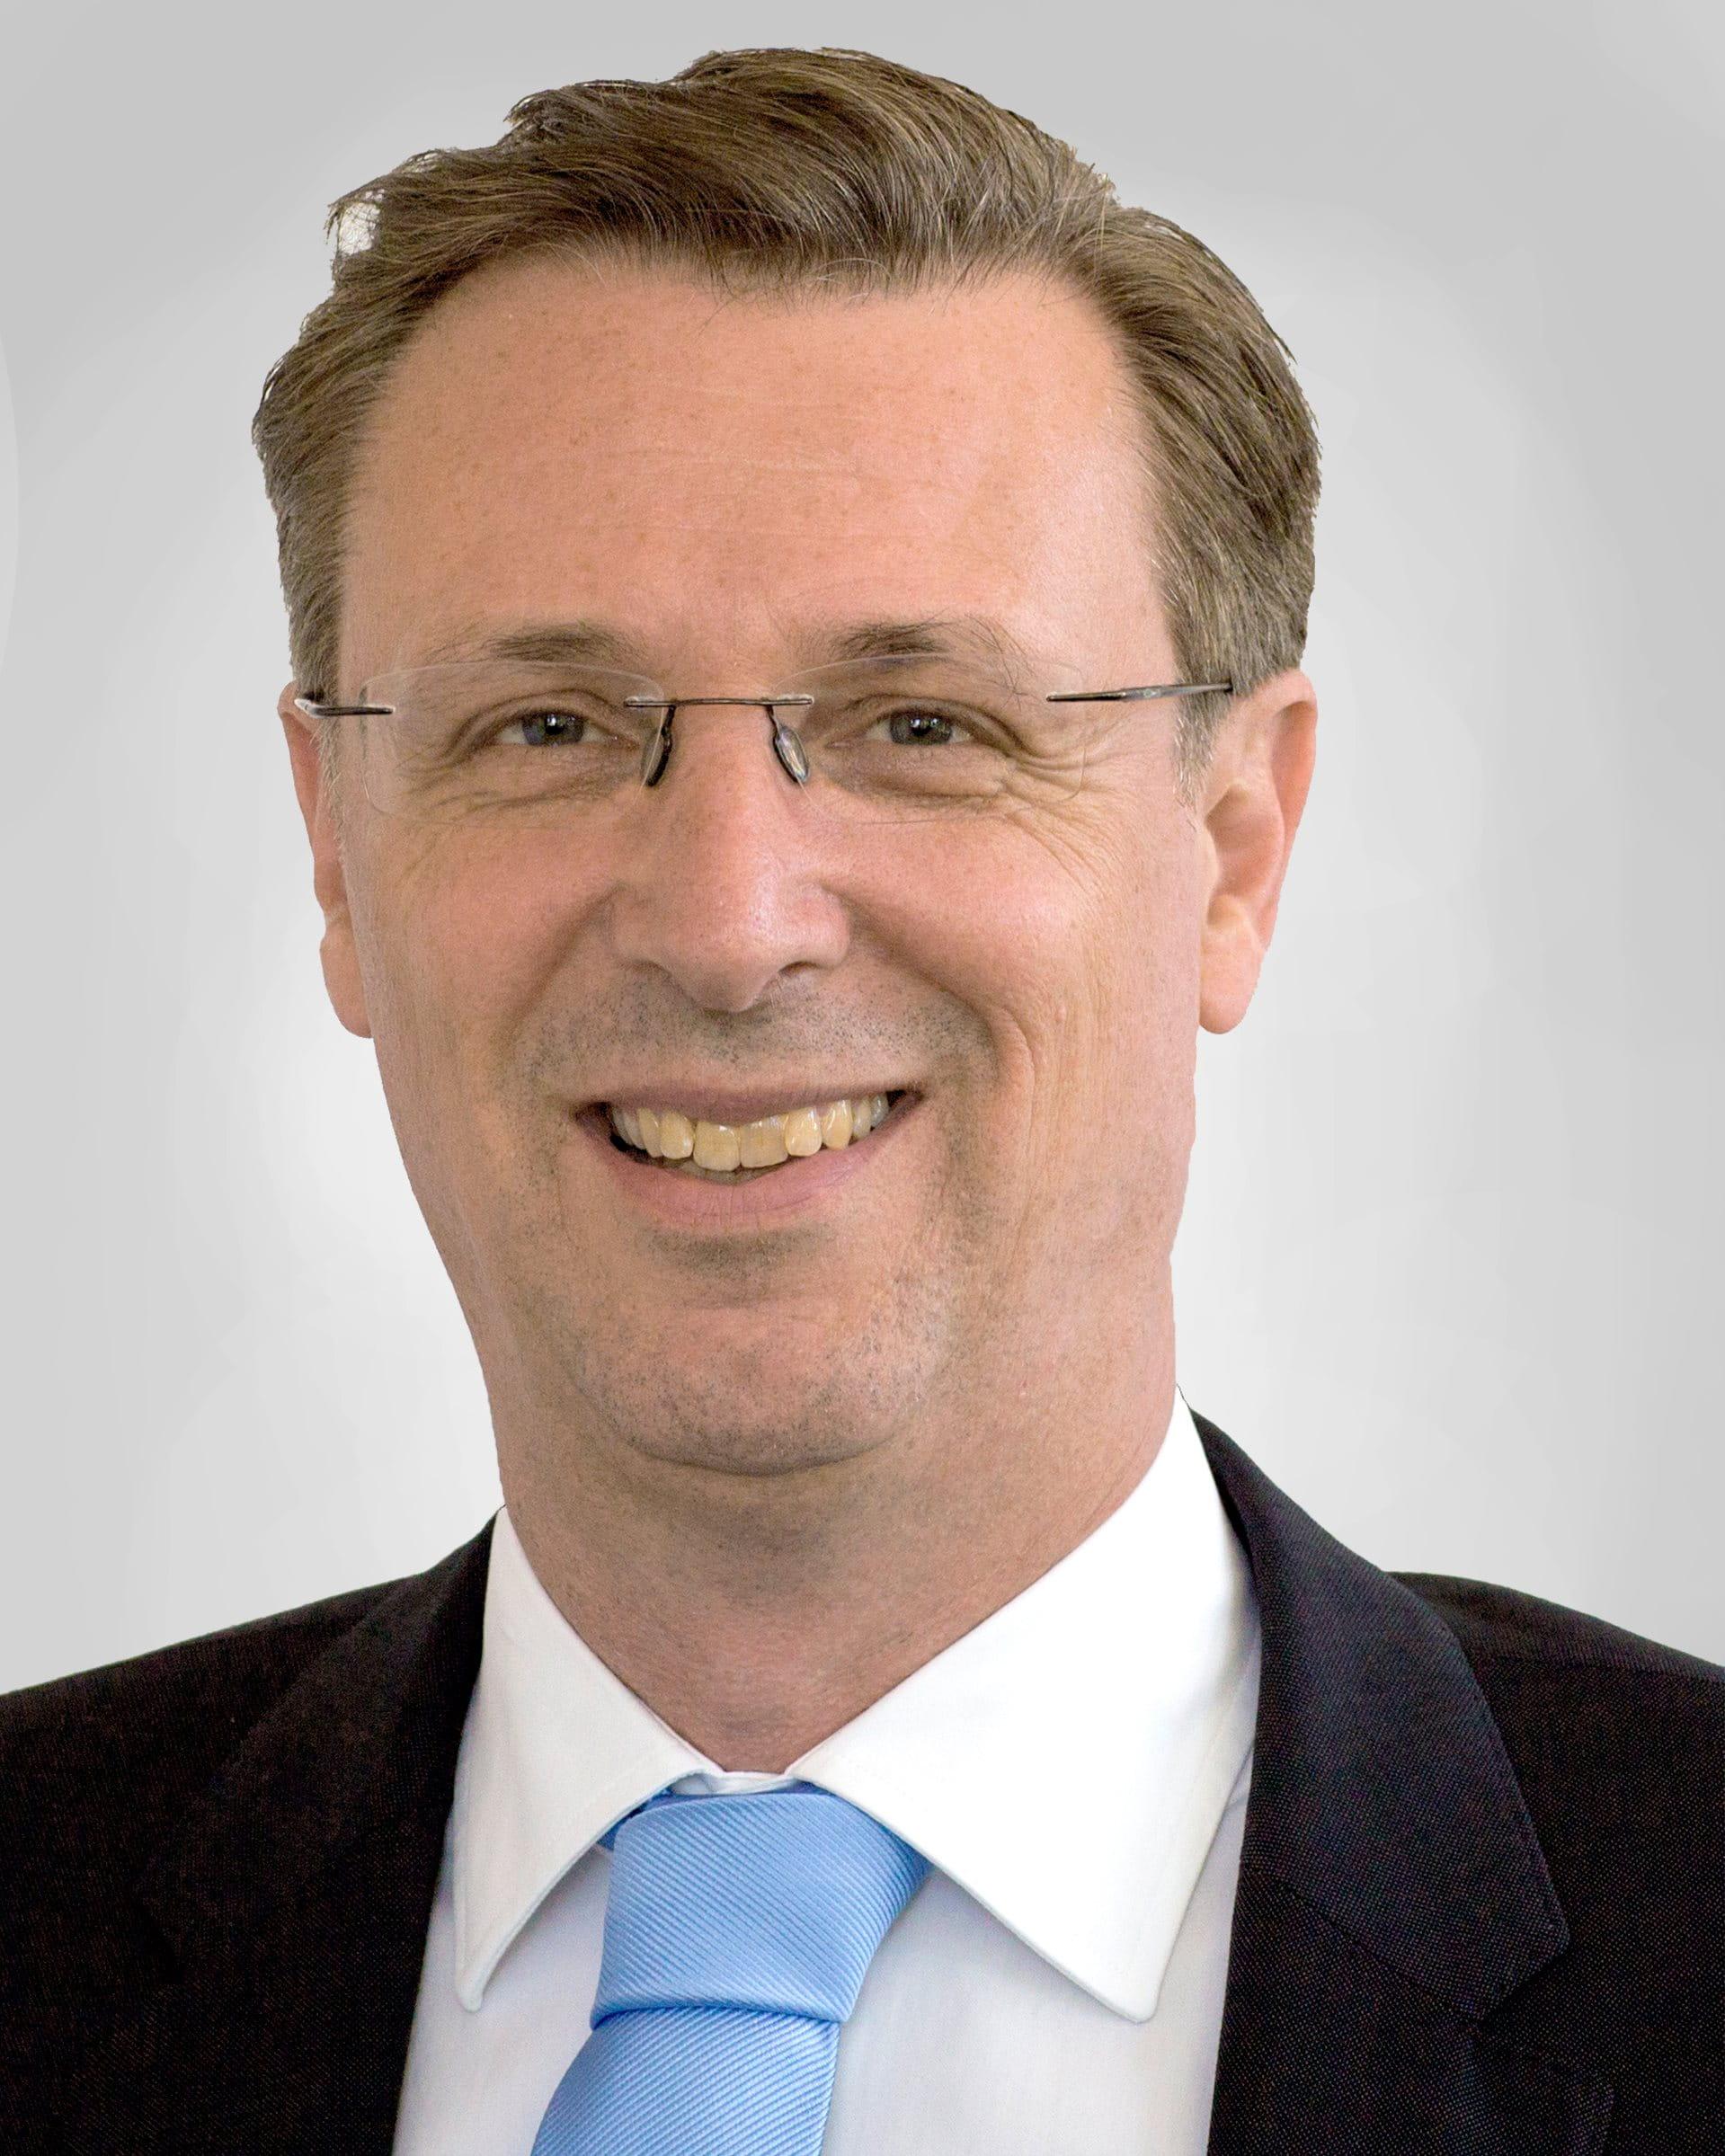 Jörg Bertogg, Head Commercial Insurance